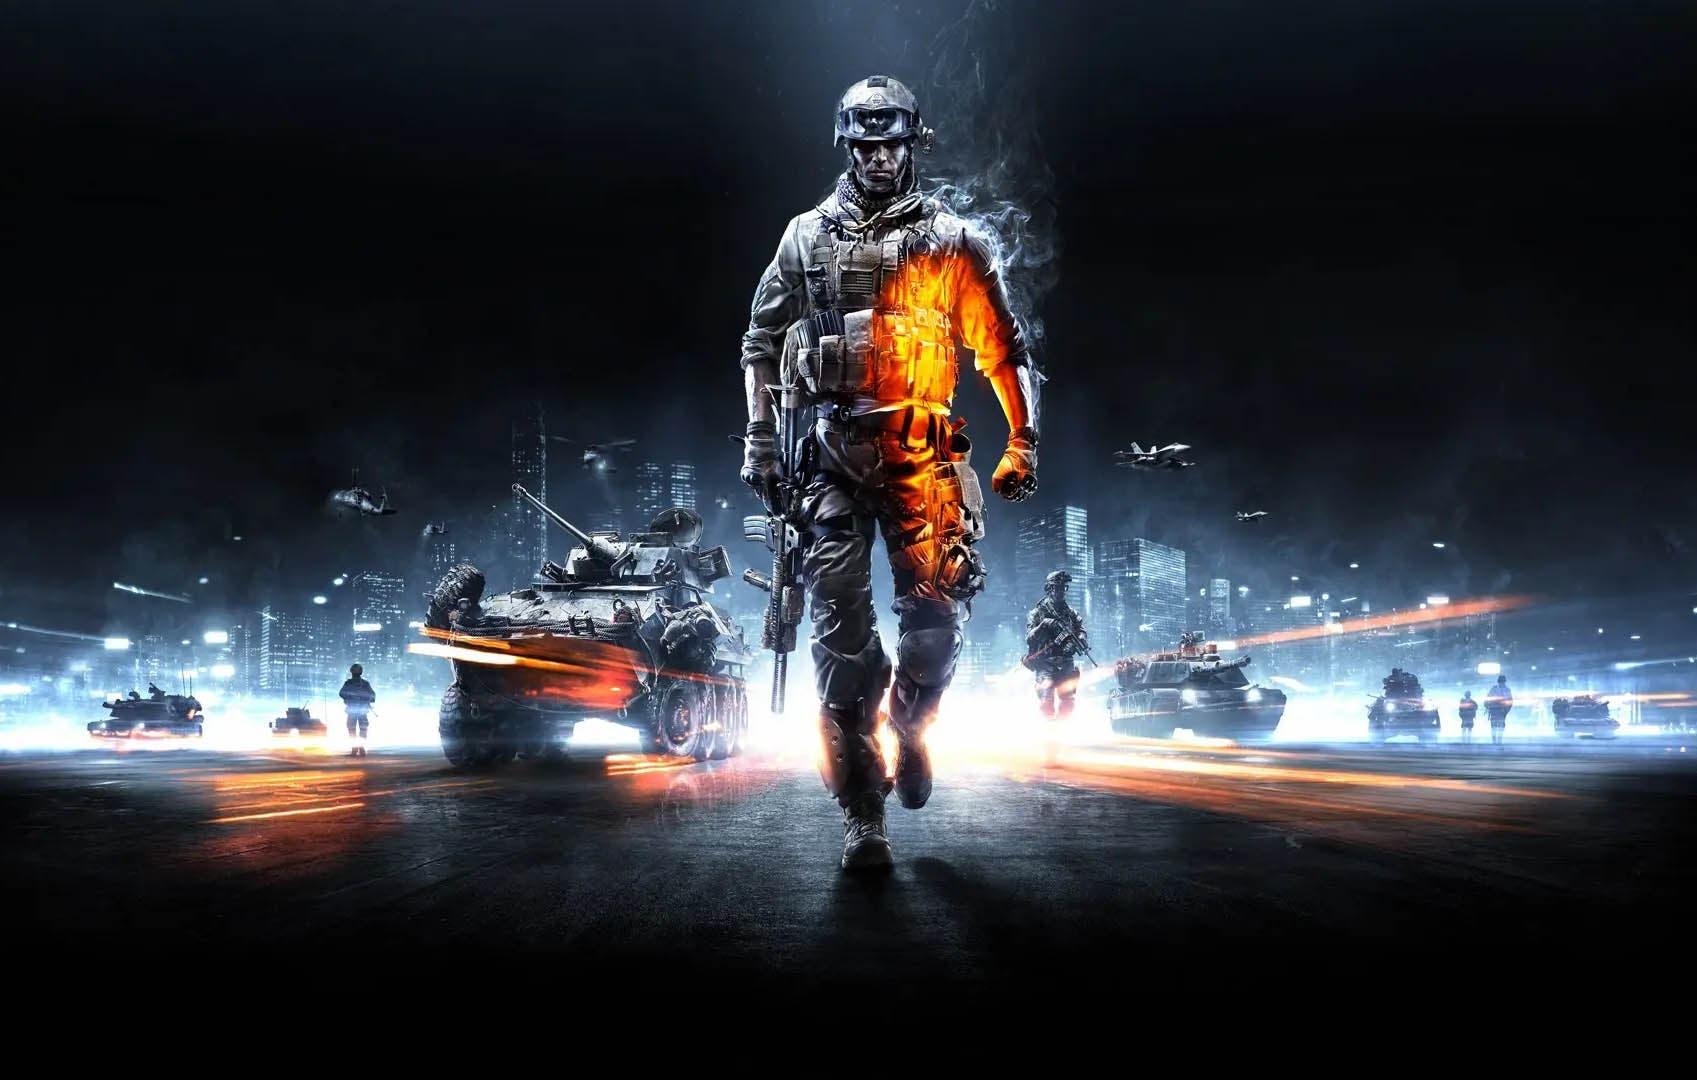 Ya se sabría la fecha de presentación de Battlefield 6, según un rumor 4